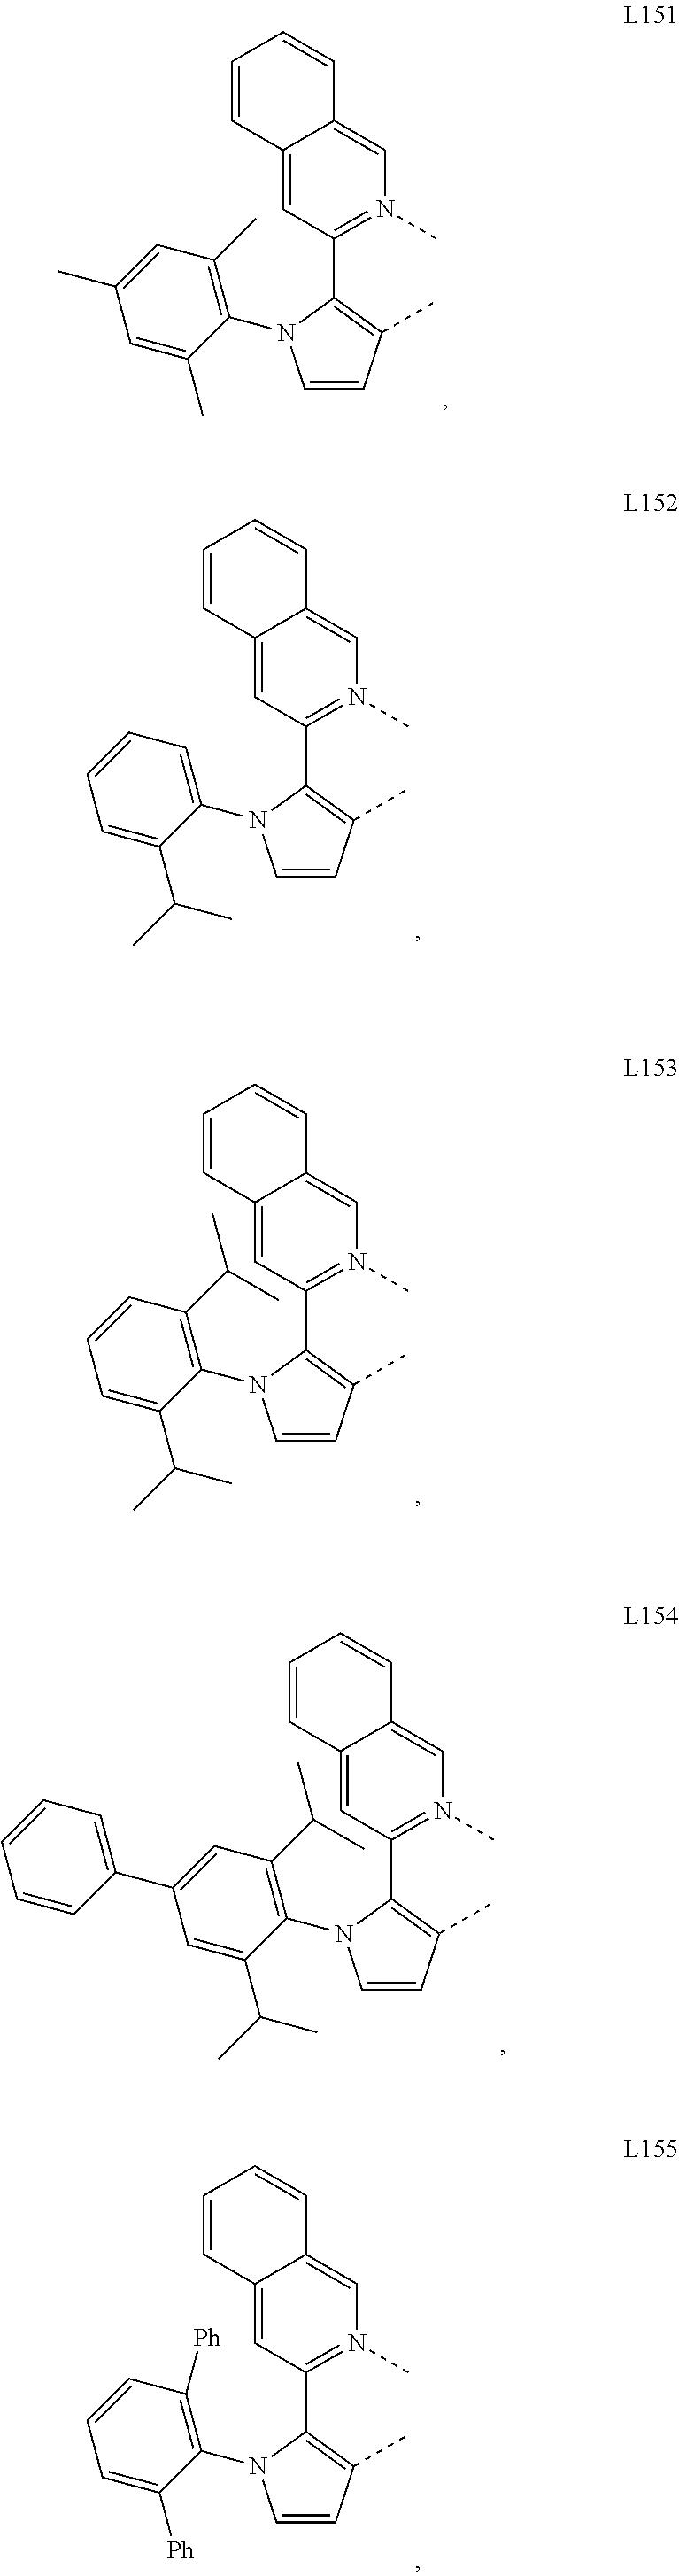 Figure US09935277-20180403-C00035